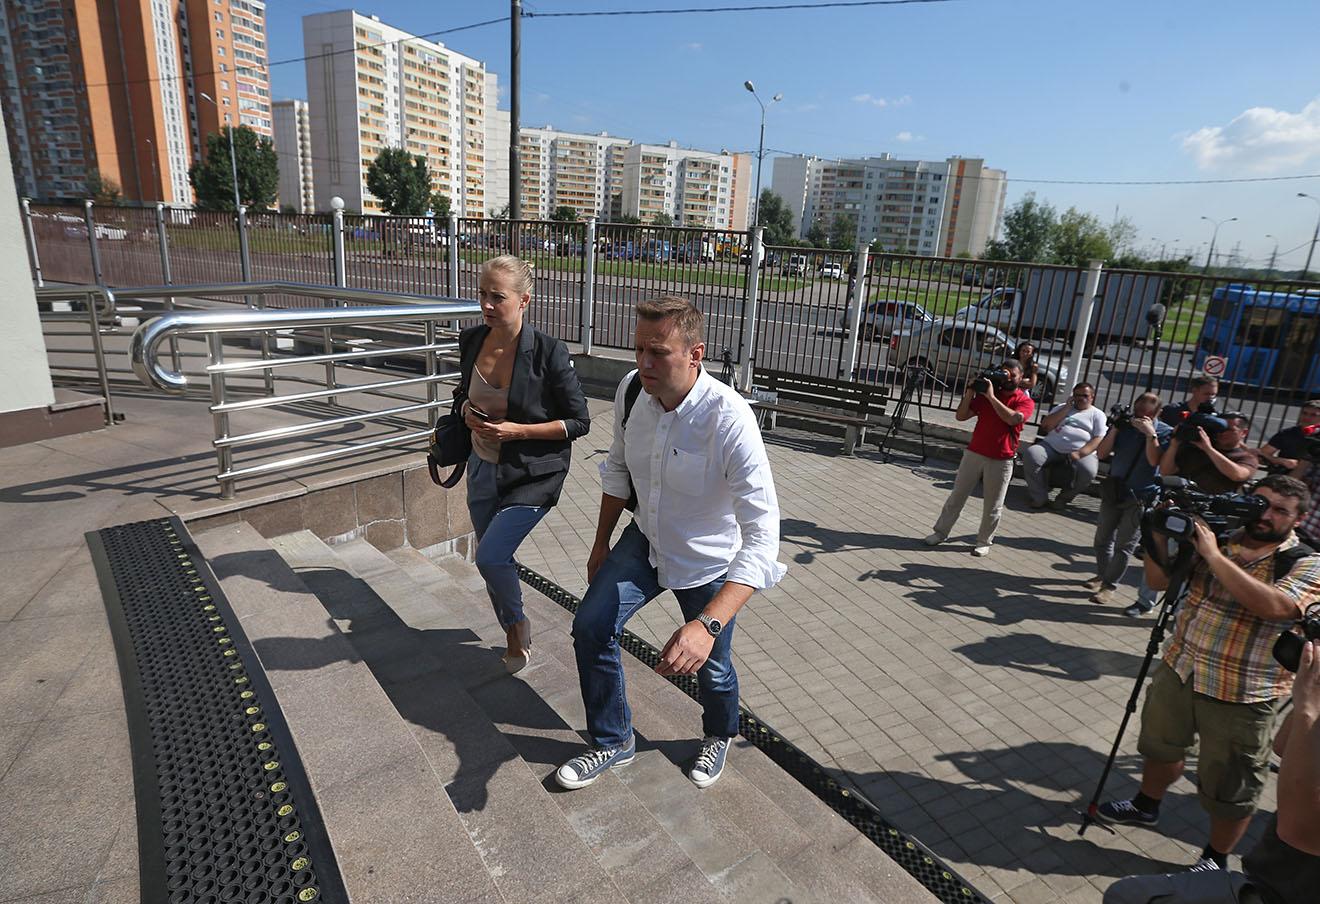 Алексей Навальный с супругой Юлией перед началом слушания у здания Люблинского суда.